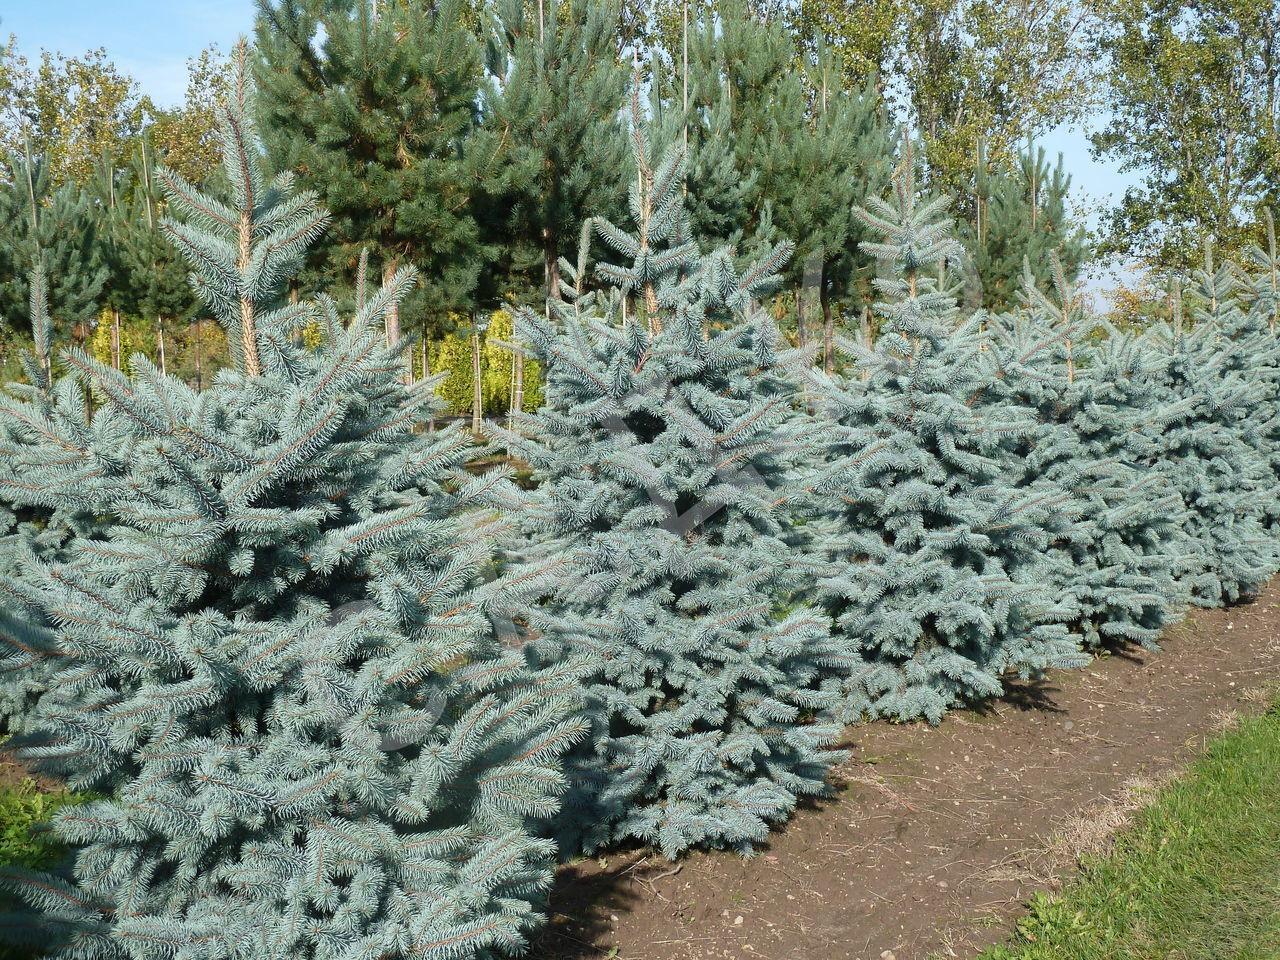 Ель голубая: описание, уход и посадка, размножение, применение в саду, фото